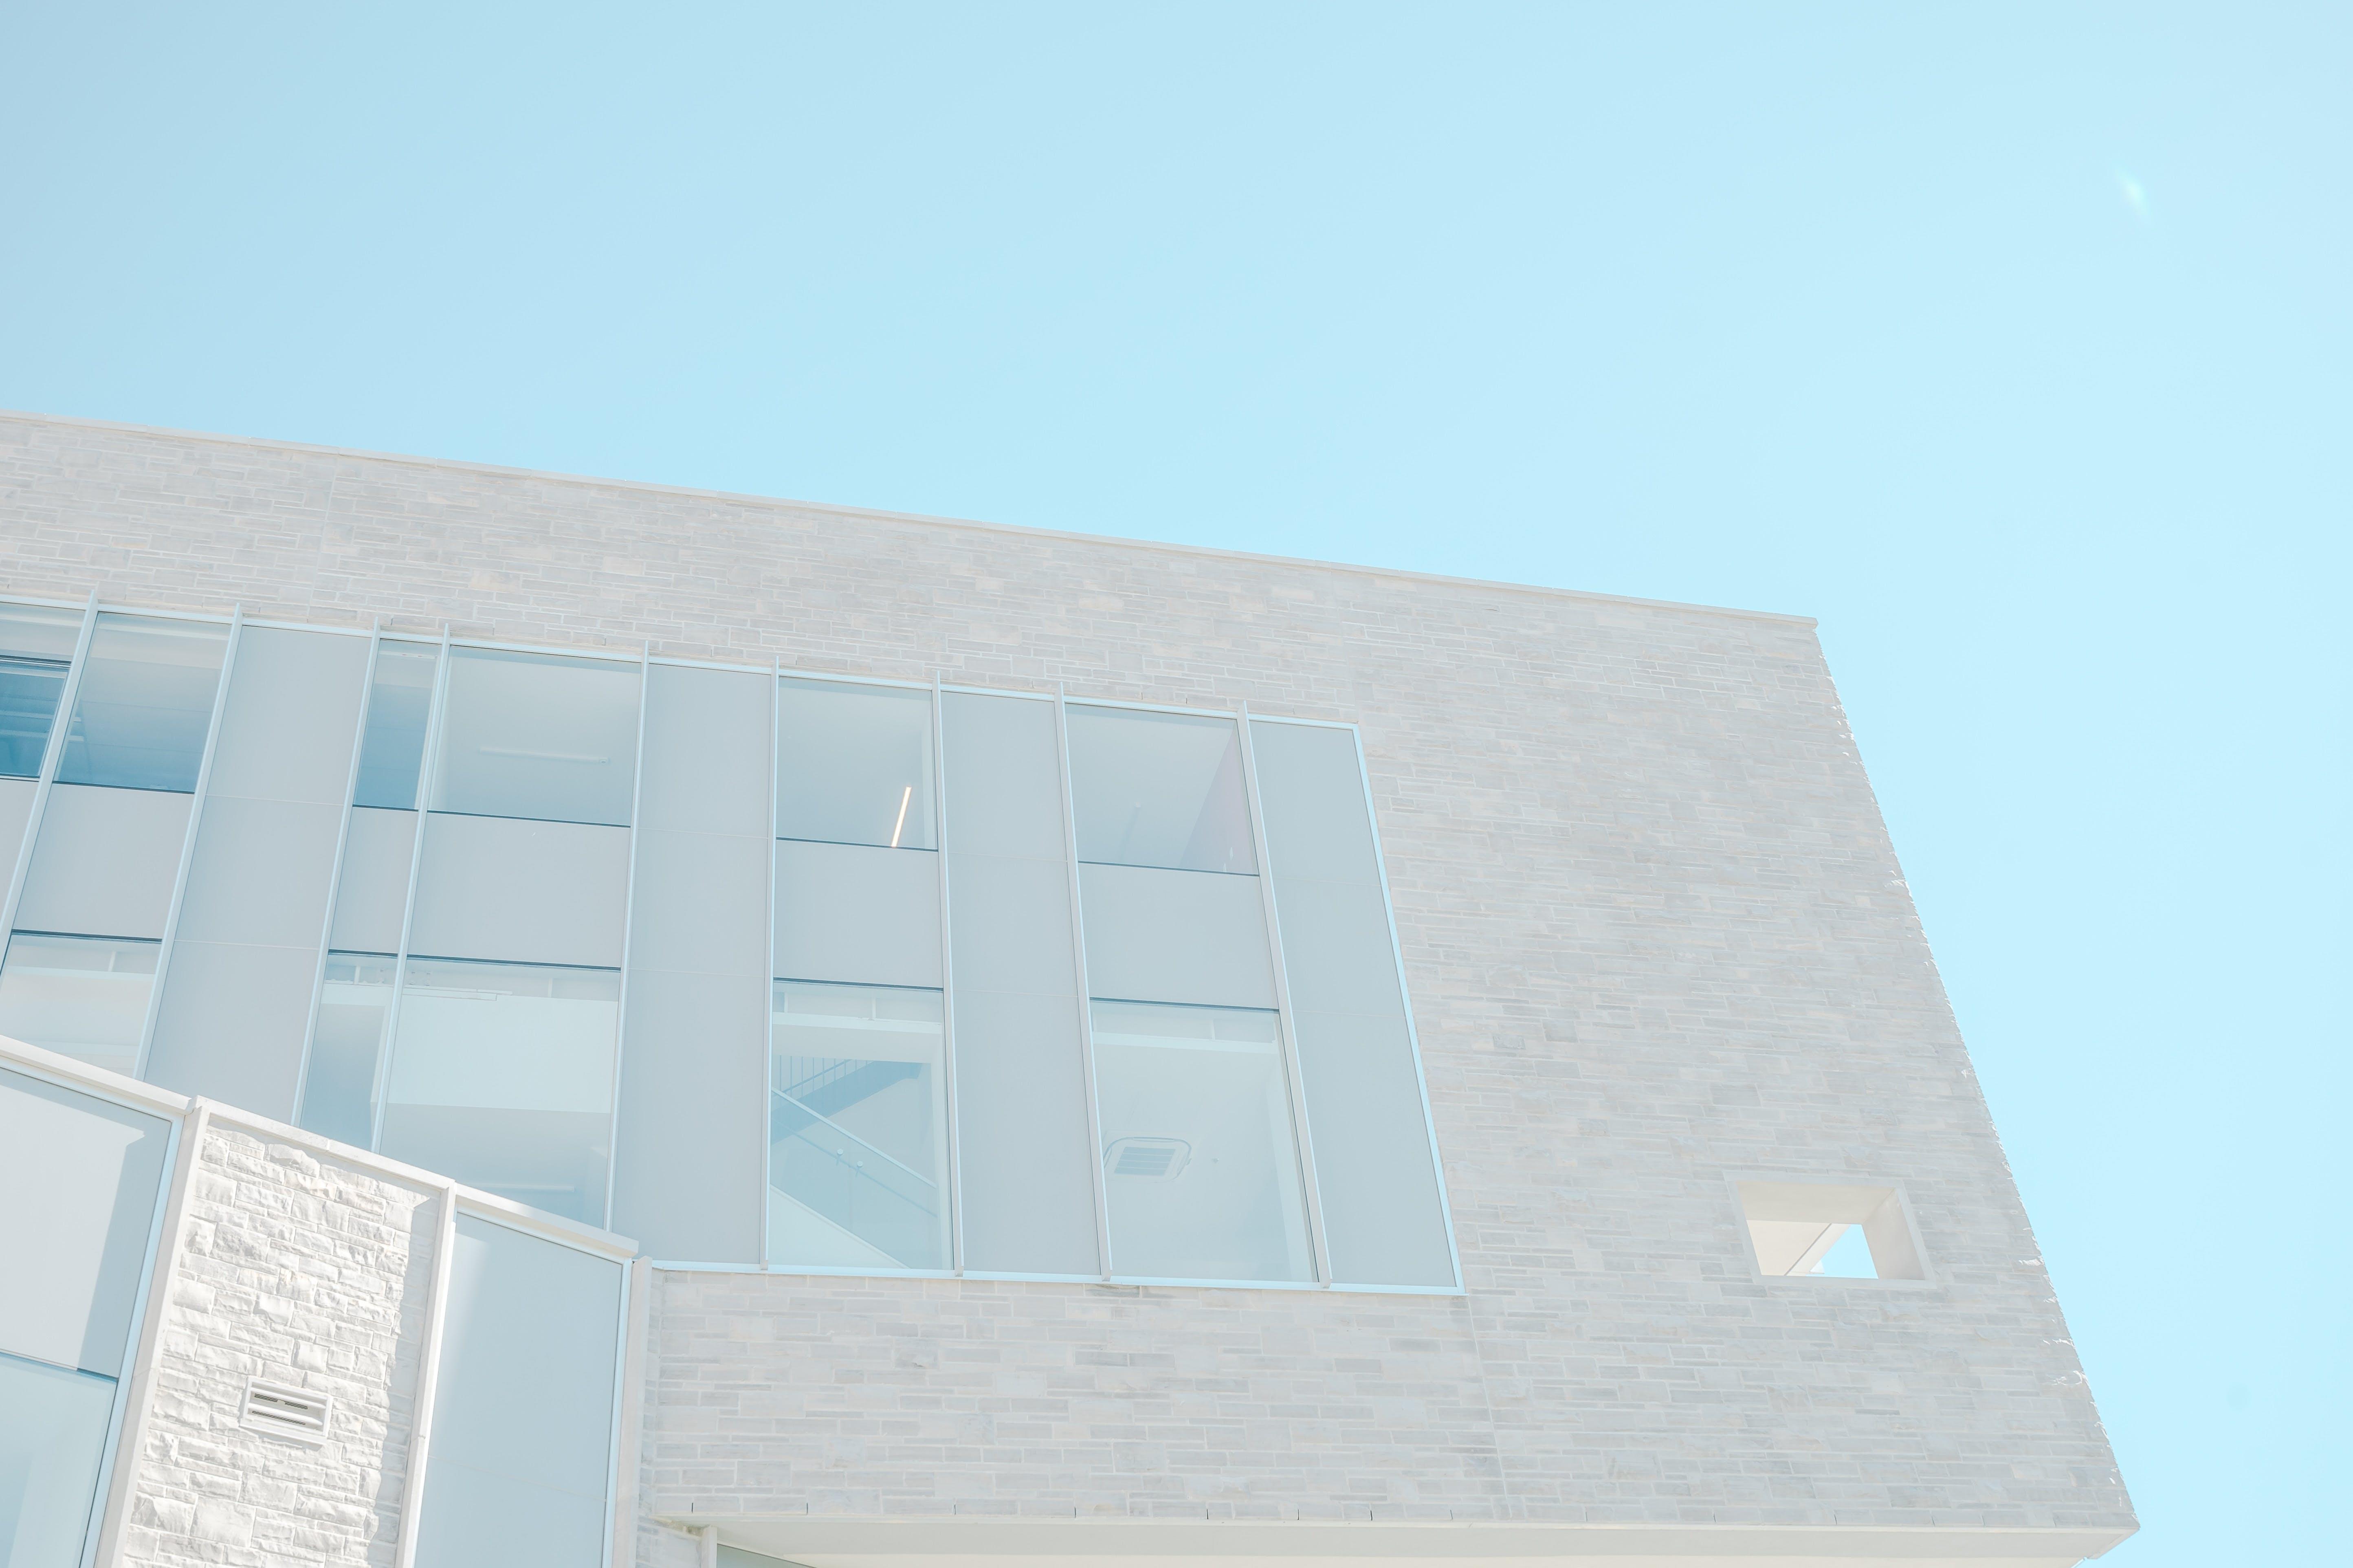 ガラスアイテム, モダンな建物, 壁